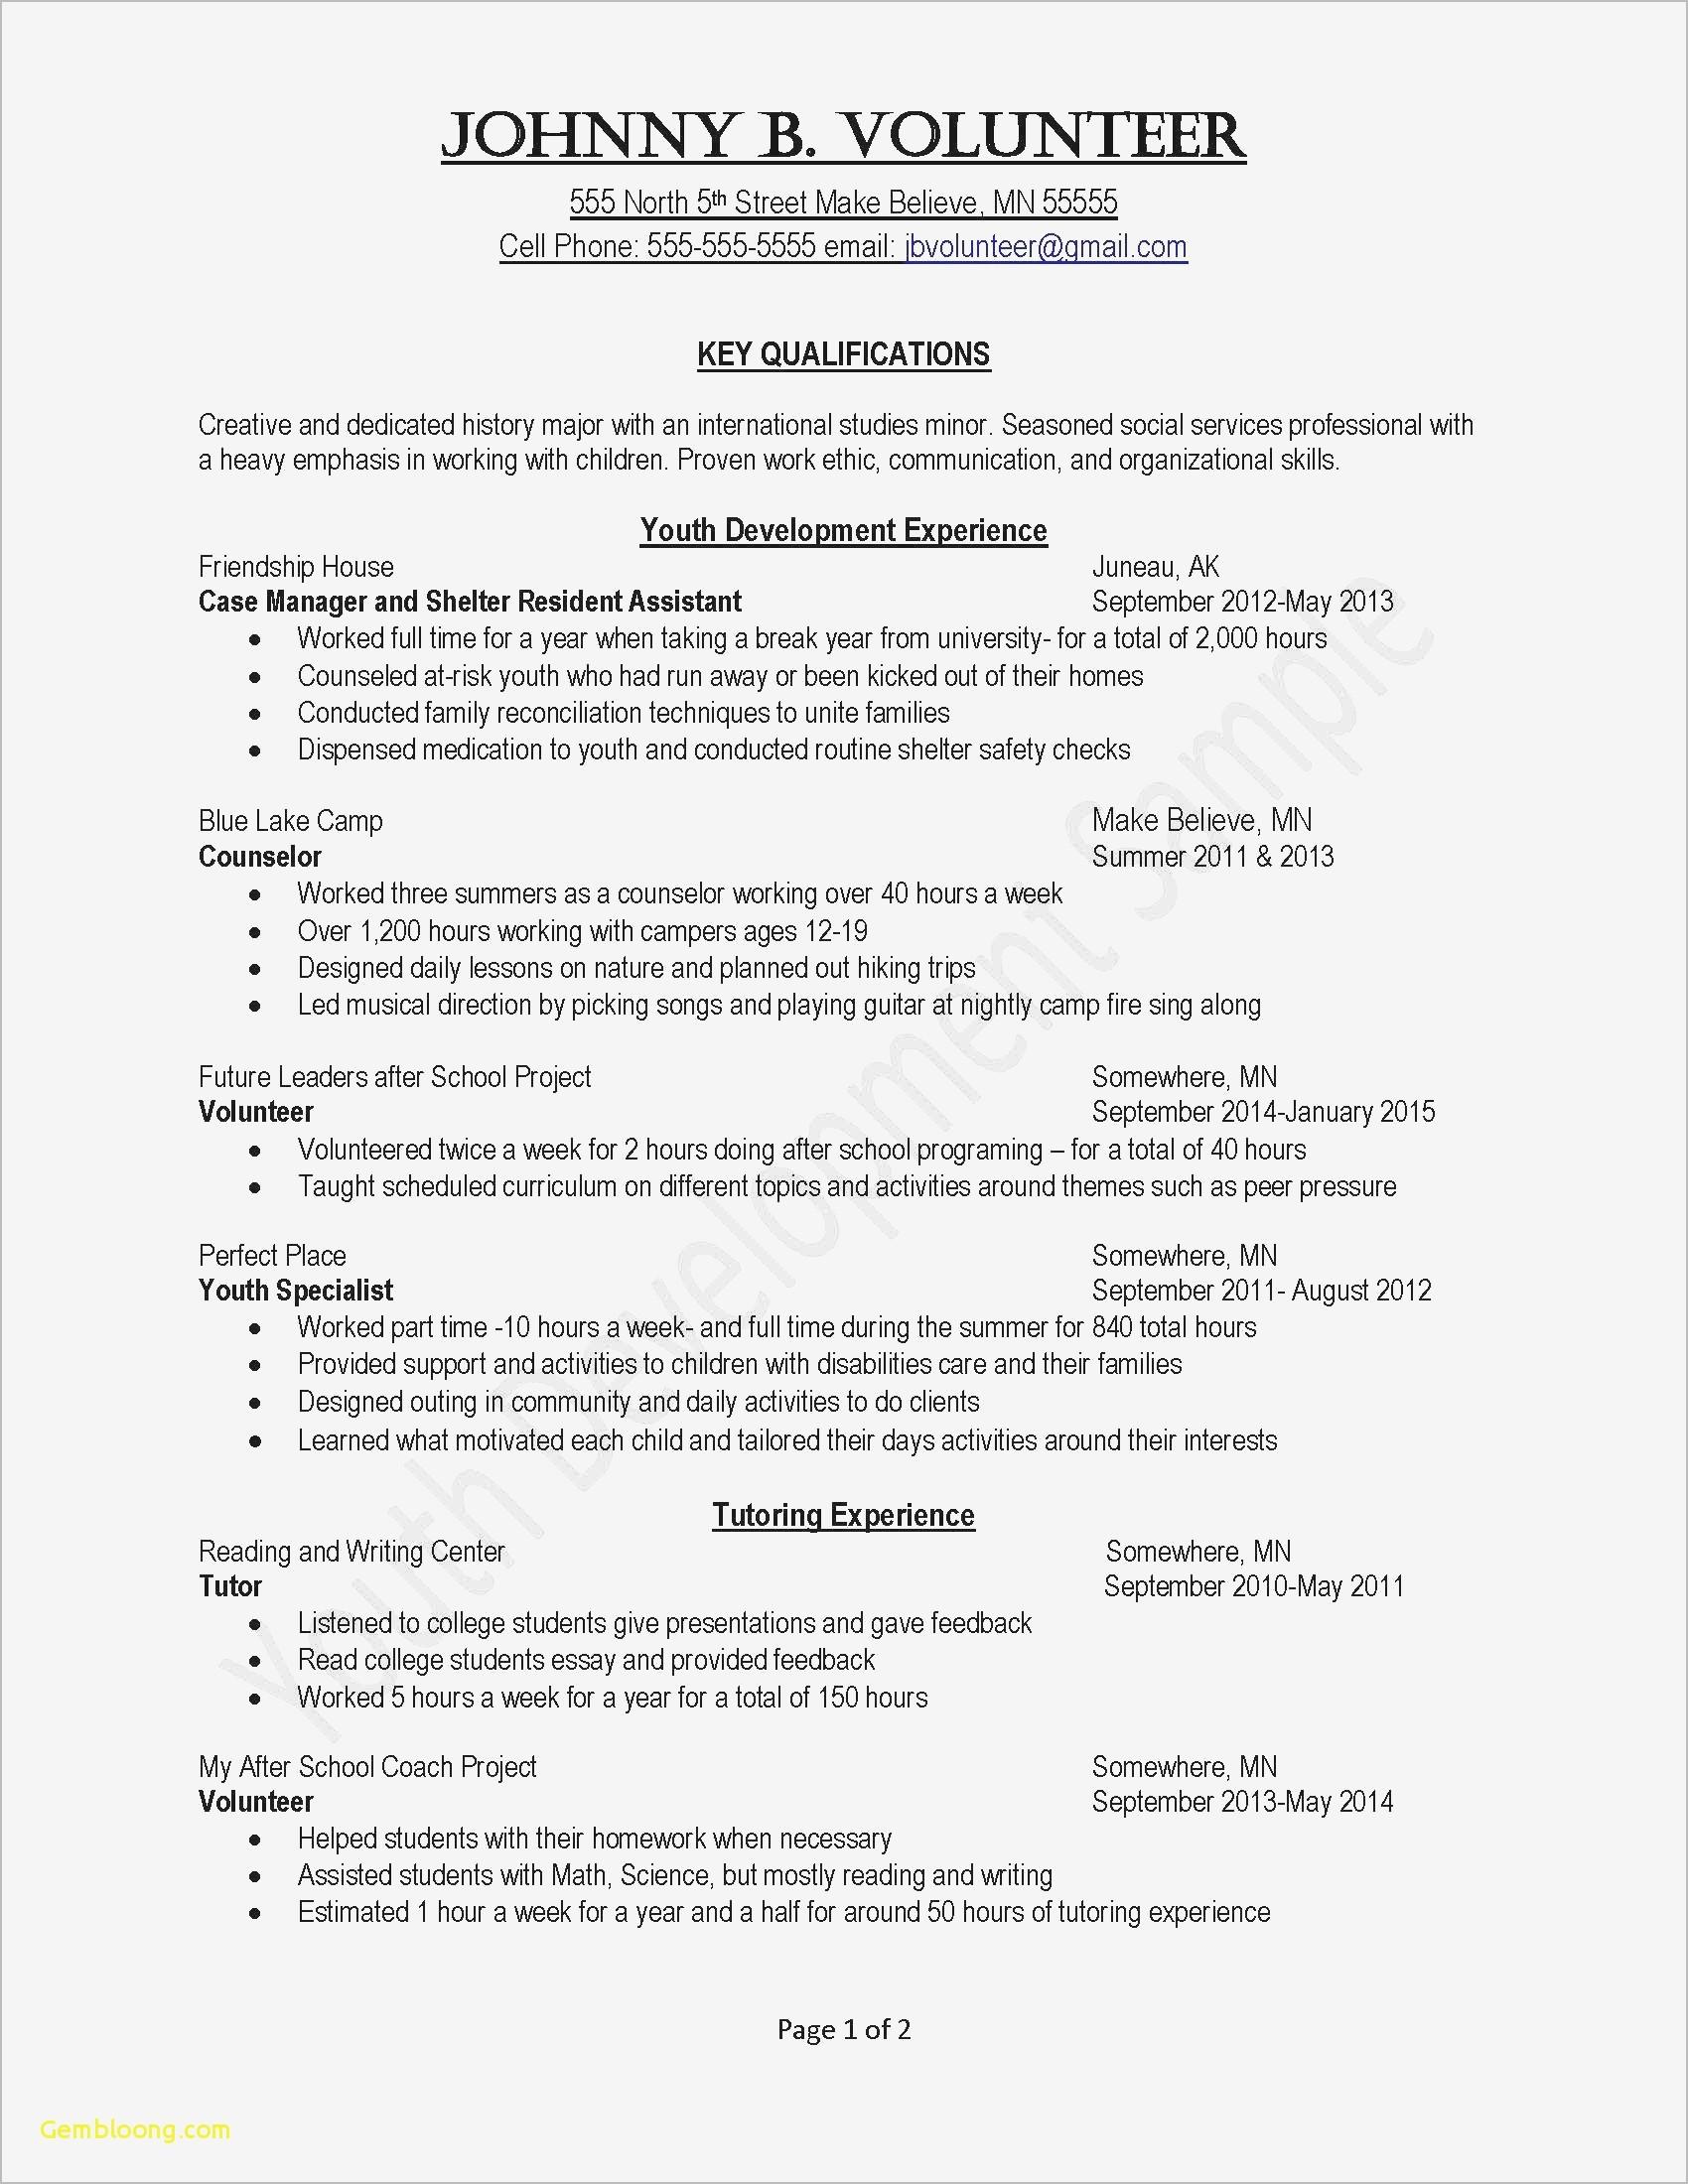 Employment Job Offer Letter Template - Job Fer Letter Template Us Copy Od Consultant Cover Letter Fungram